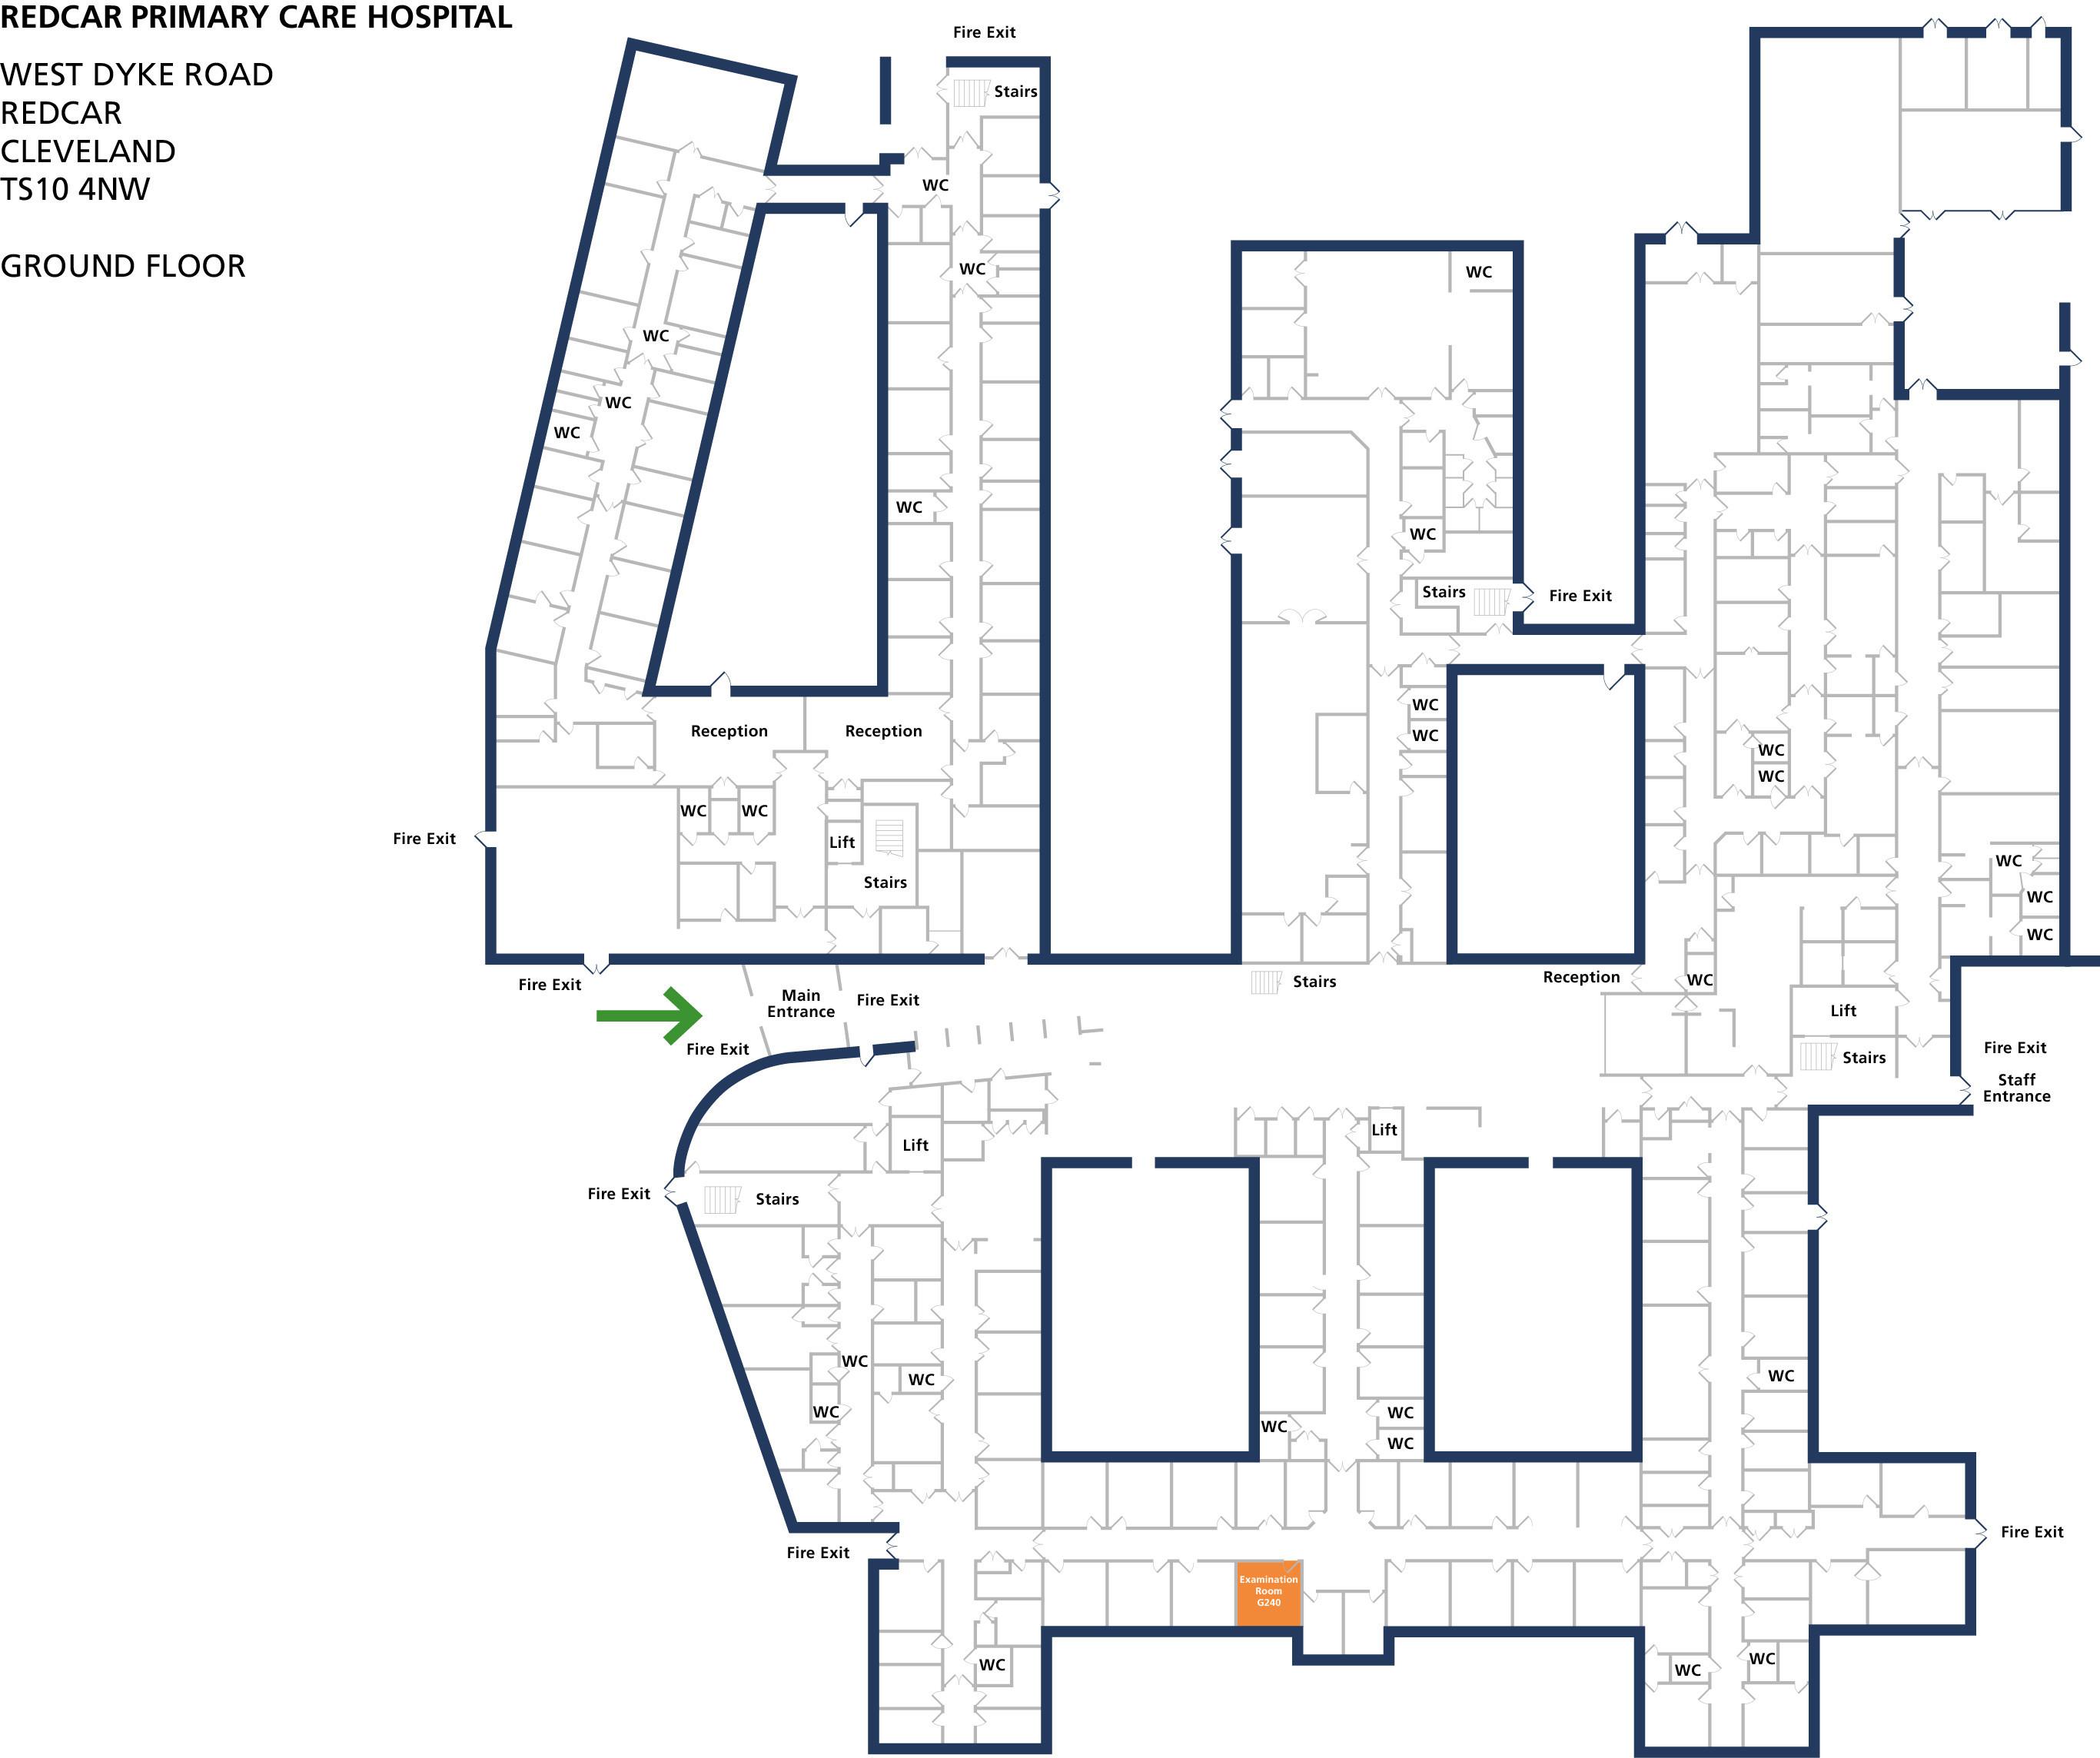 Examination room 240